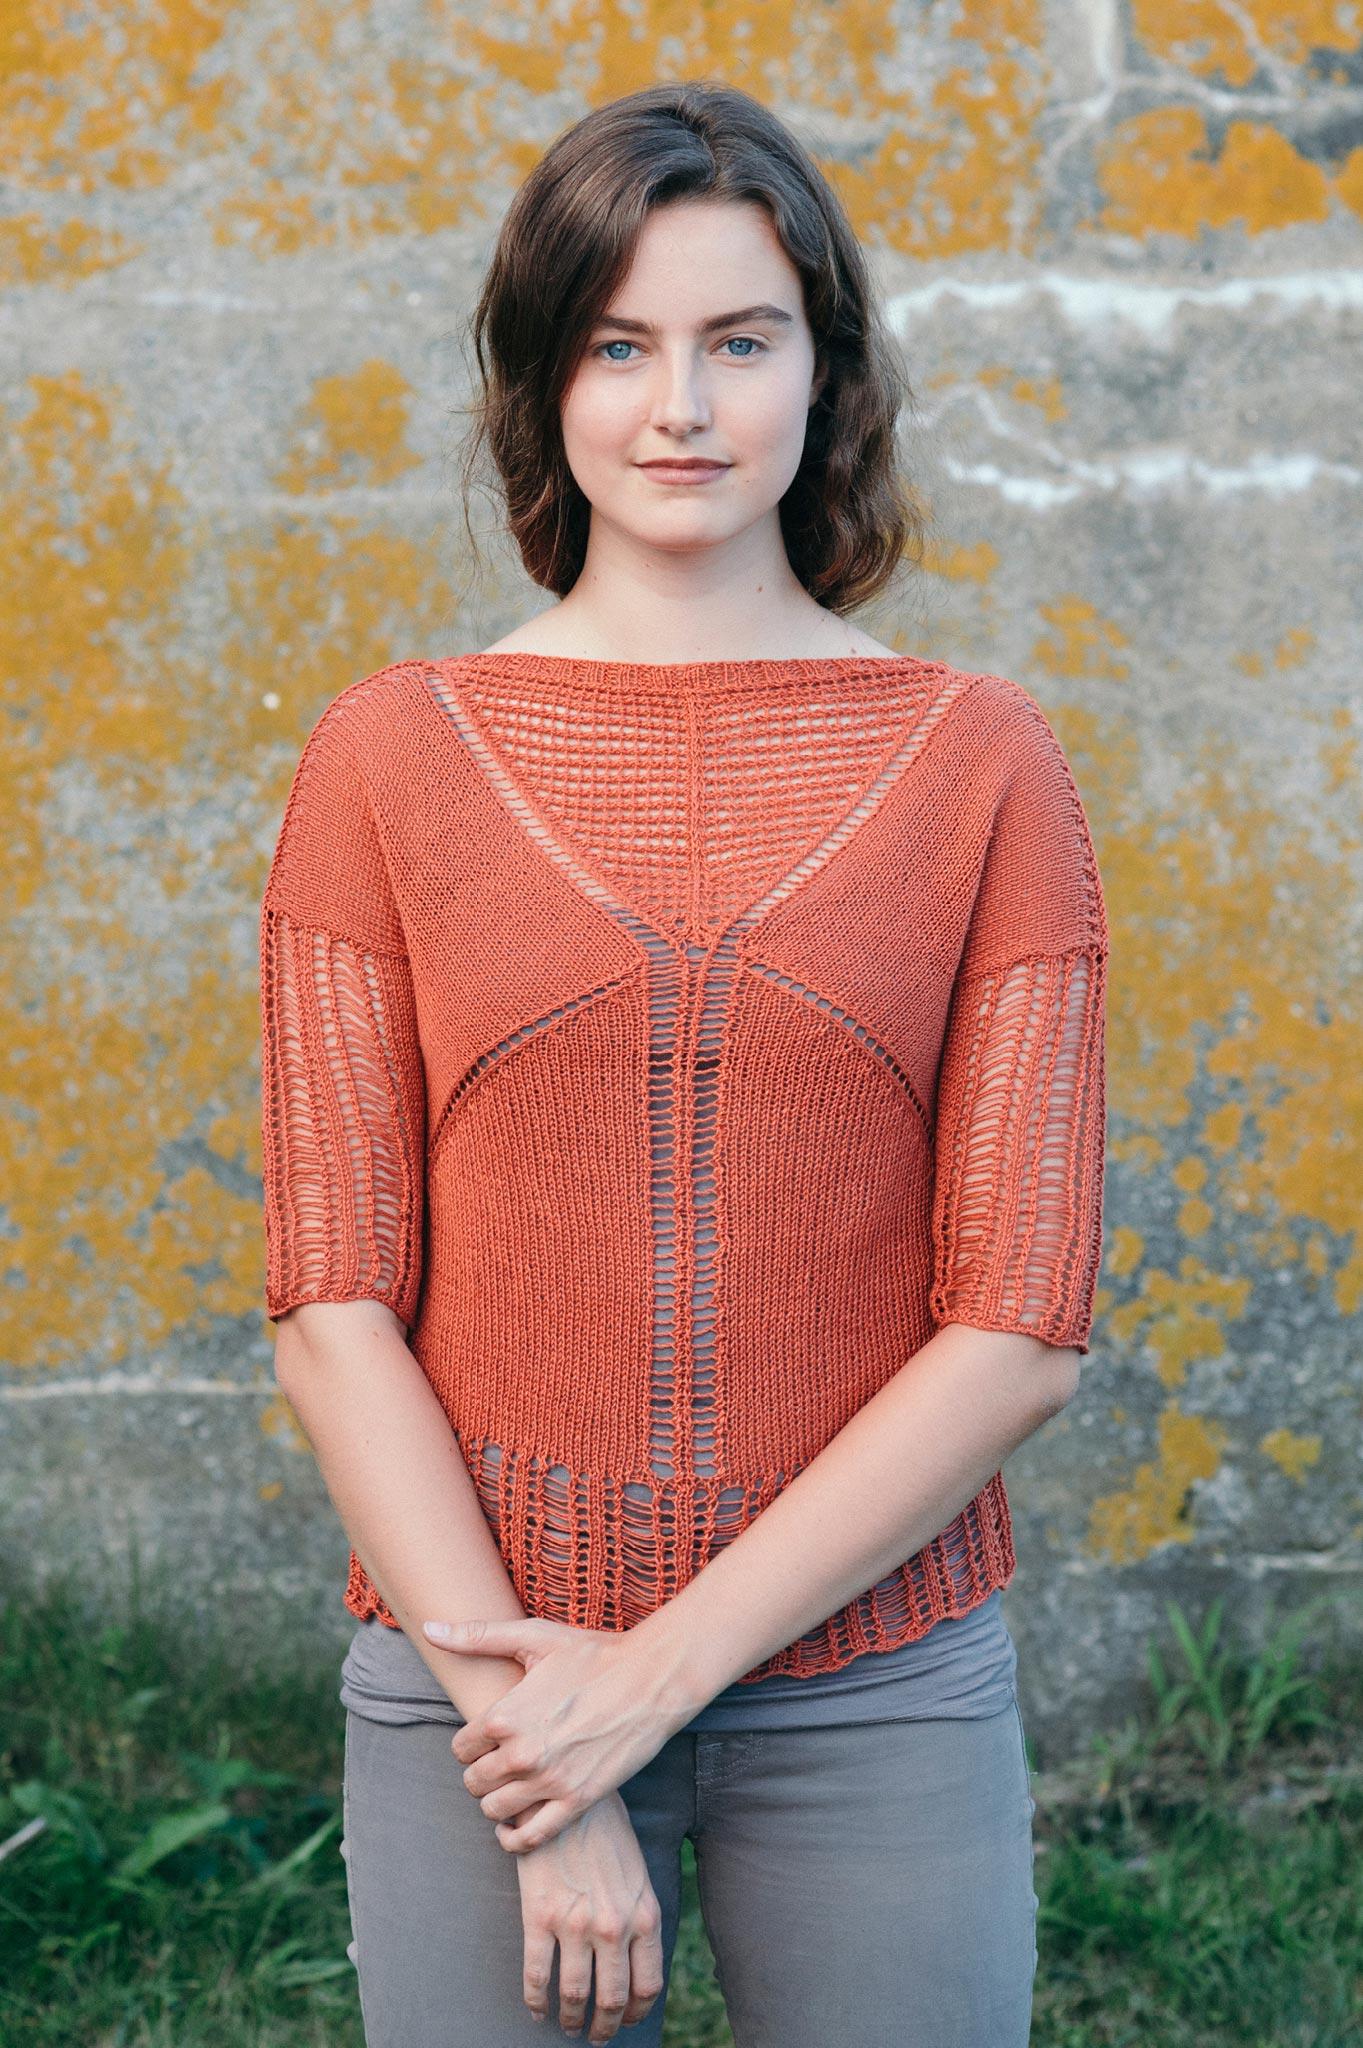 quince-co-arris-norah-gaughan-framework-knitting-pattern-1.jpg